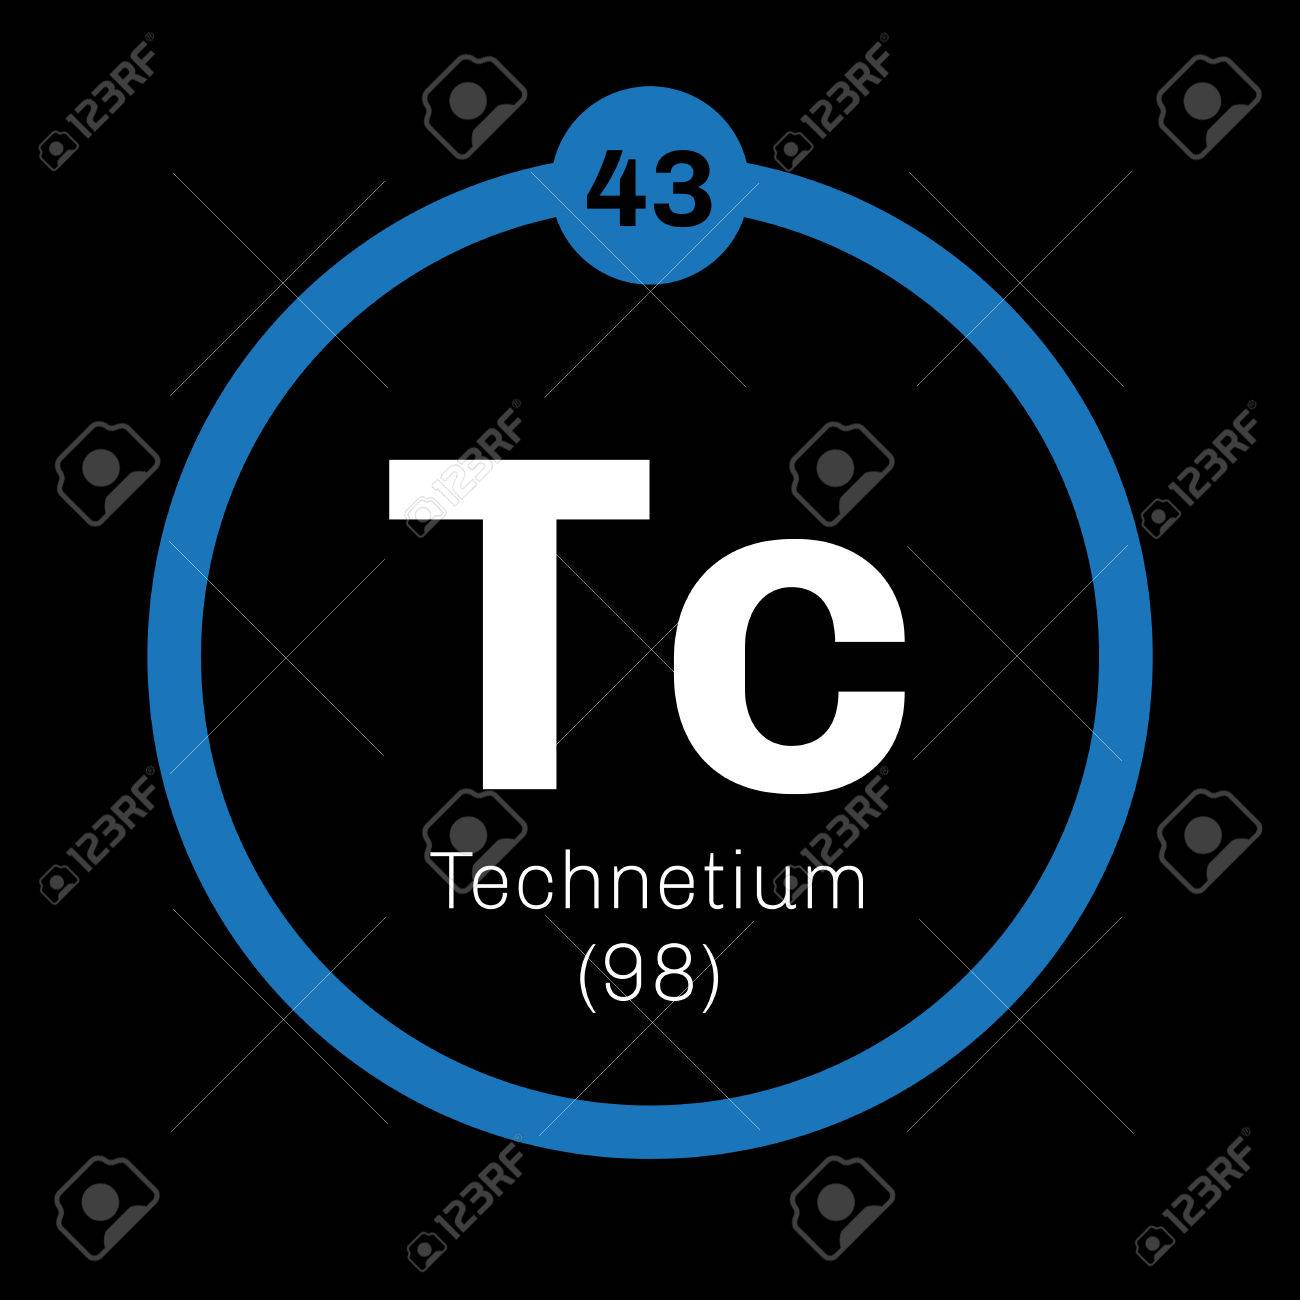 Tecnecio elemento qumico ms ligero elemento radiactivo icono de ms ligero elemento radiactivo icono de color con el nmero atmico y el peso atmico elemento qumico de la tabla peridica urtaz Gallery